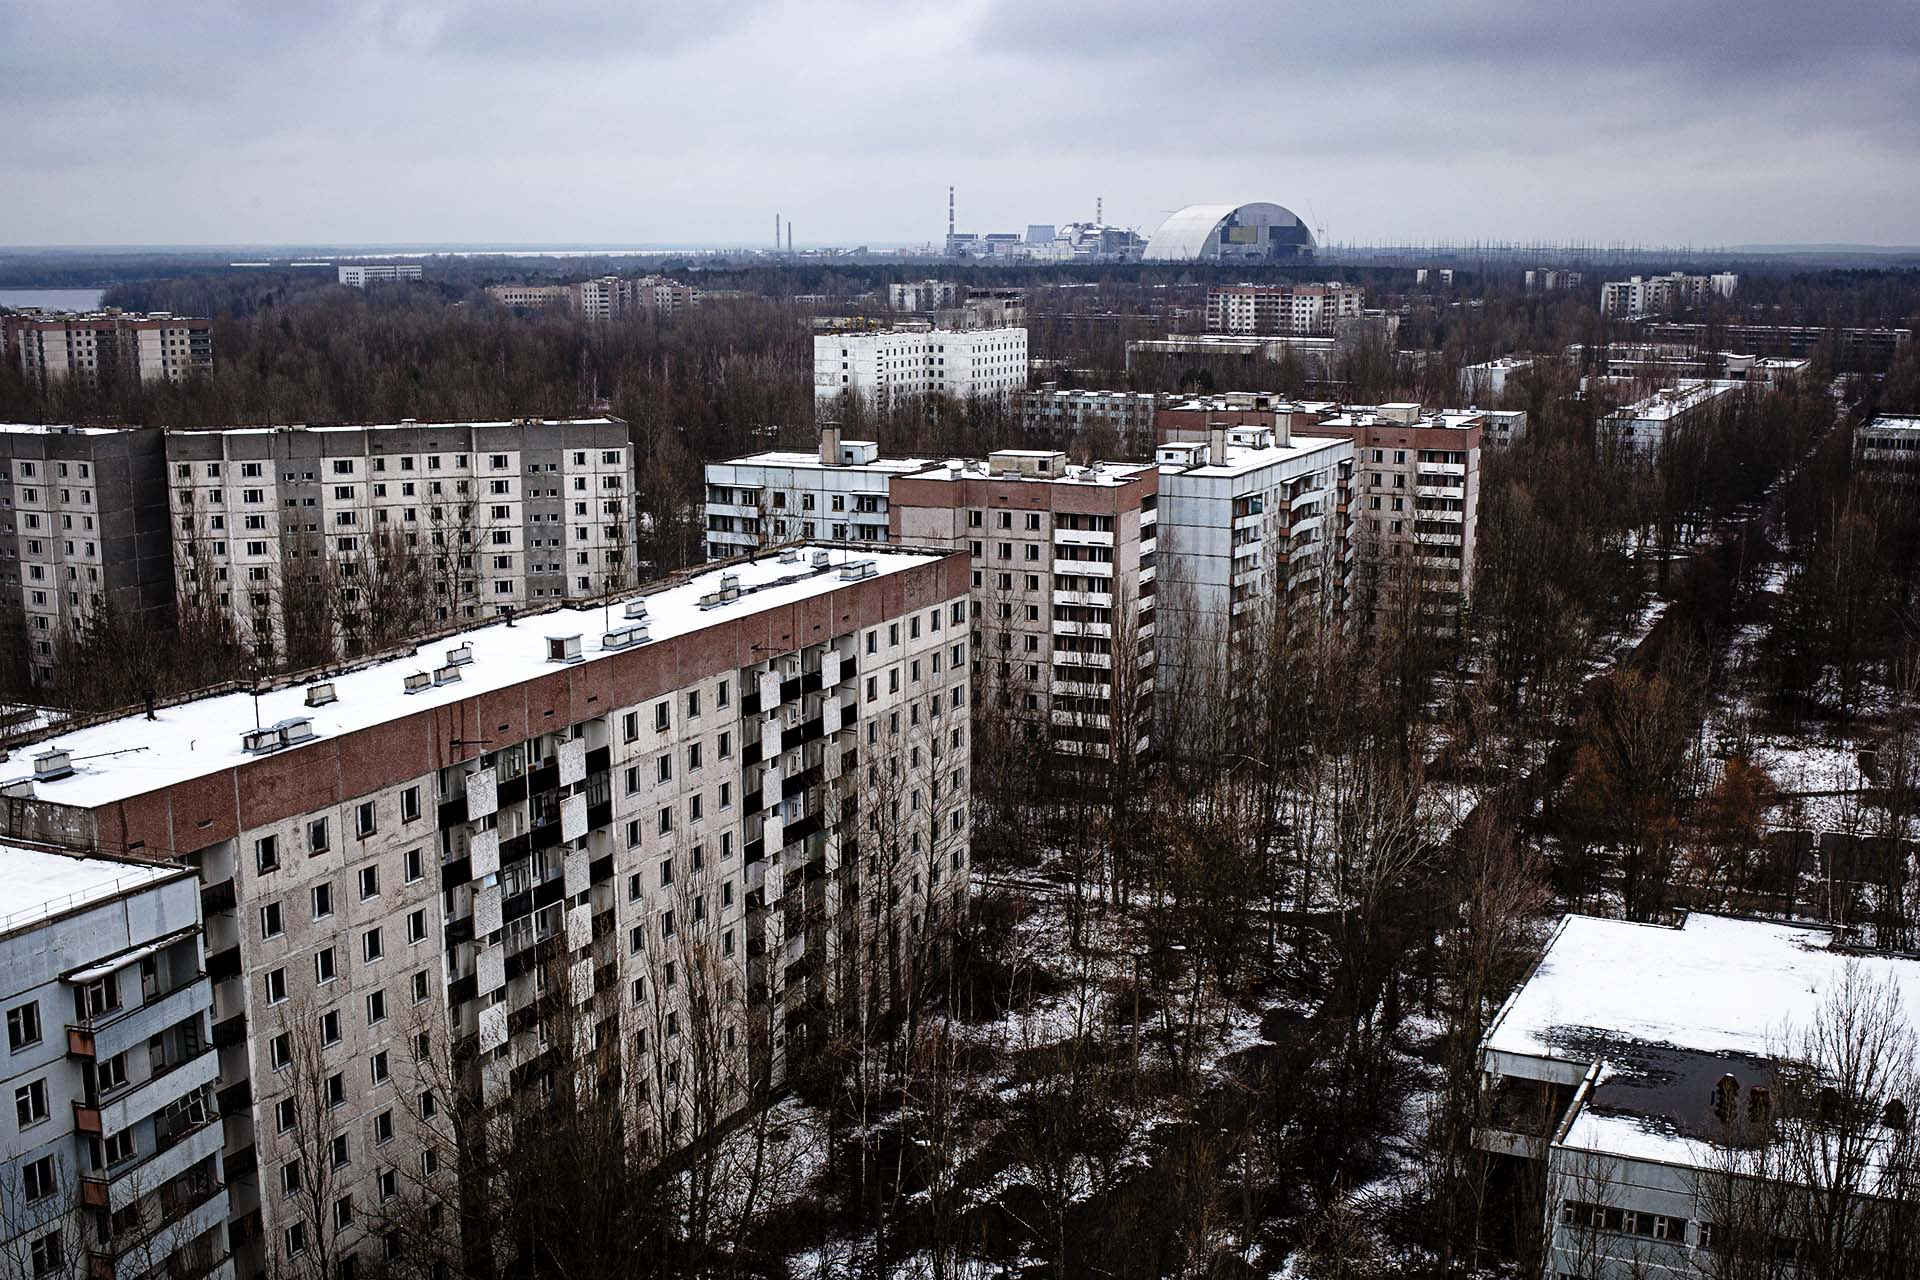 Vista del reactor 4 y el nuevo sarcófago en construcción desde un edificio de la  ciudad de Pripyat.